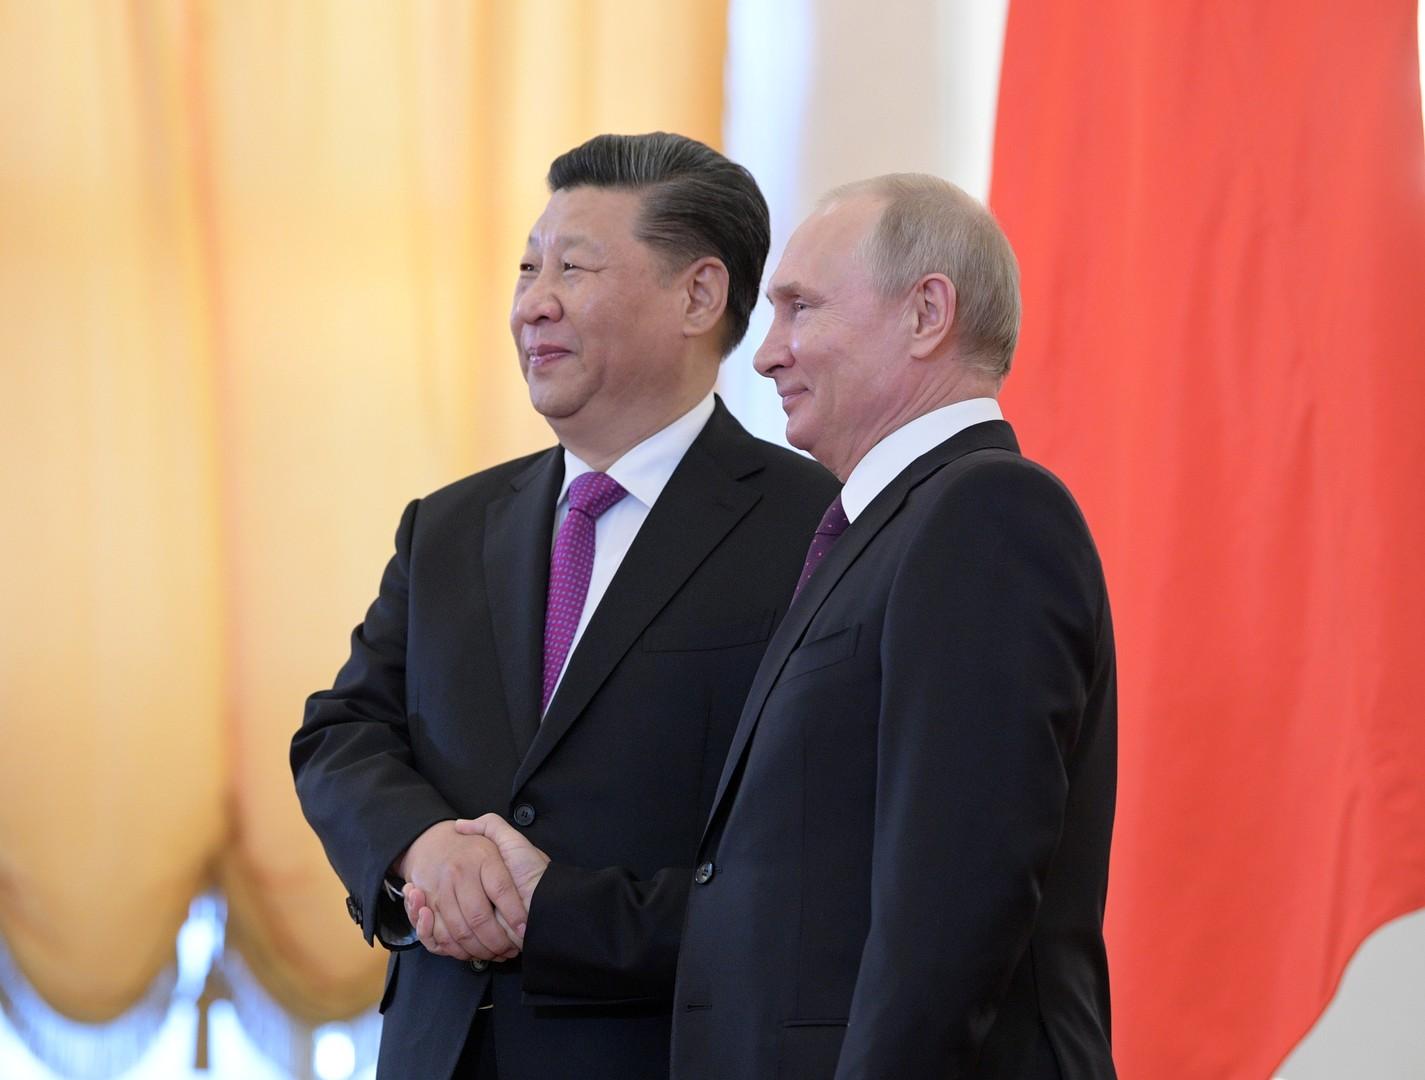 بوتين يؤكد بعد محادثات مع شي جين بينغ تطابق مواقف روسيا والصين حول أهم القضايا الدولية